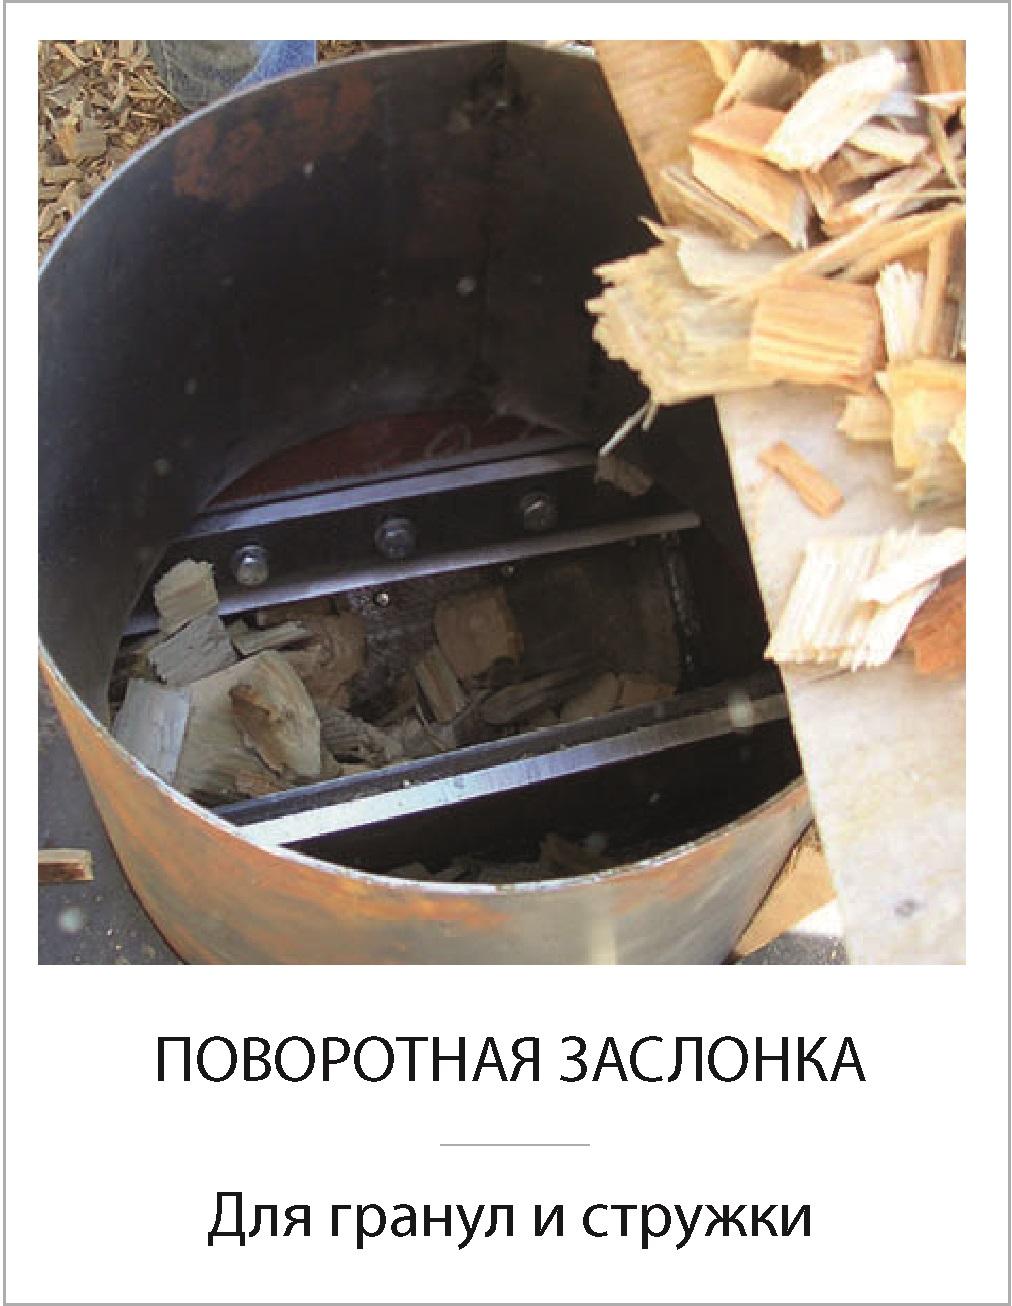 POVOROTNAYa_ZASLONKA_Dlya_granul_i_struzhki.jpg